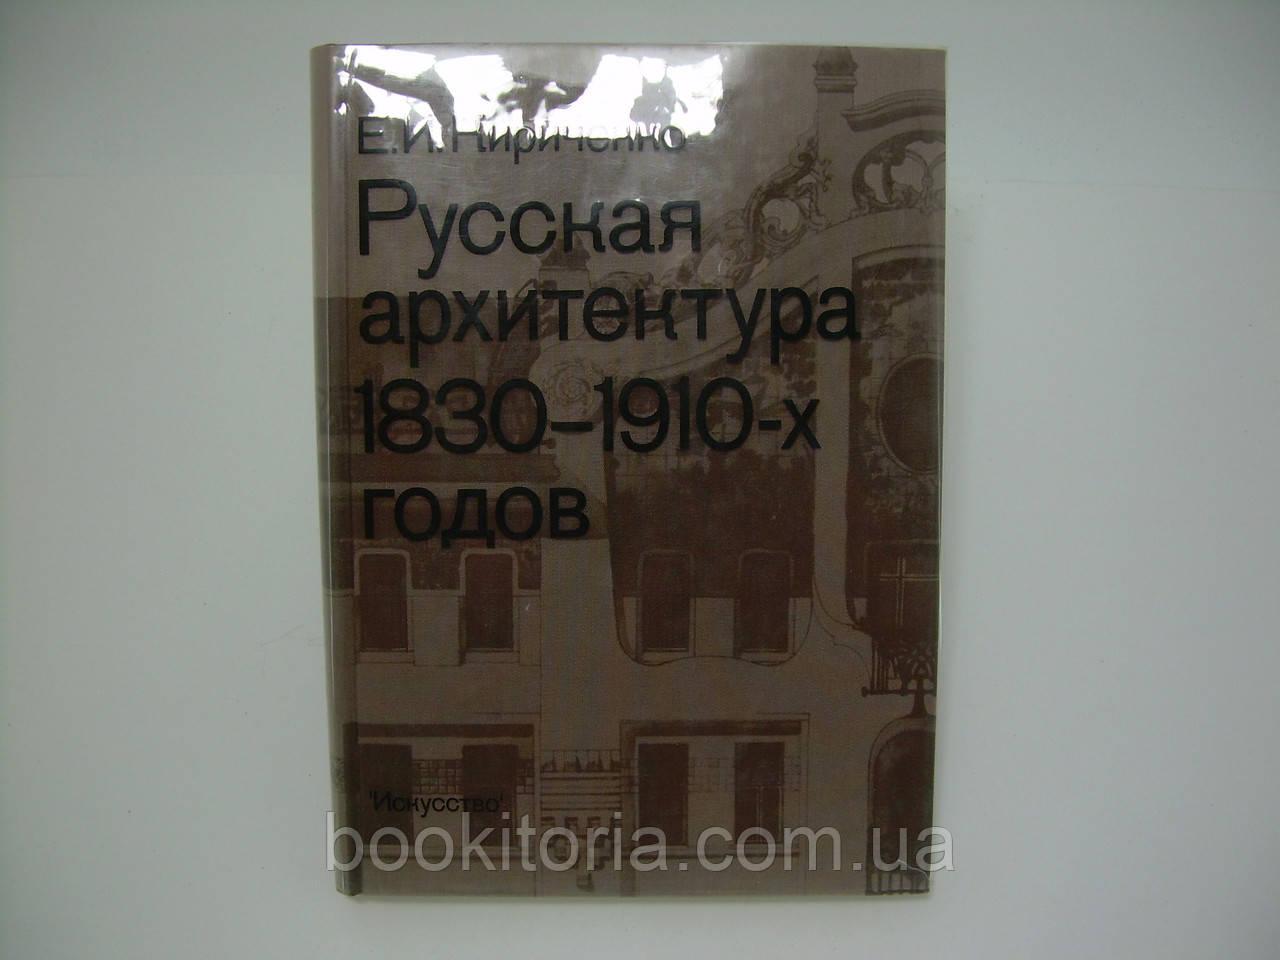 Кириченко Е.И. Русская архитектура 1830–1910-х годов (б/у).